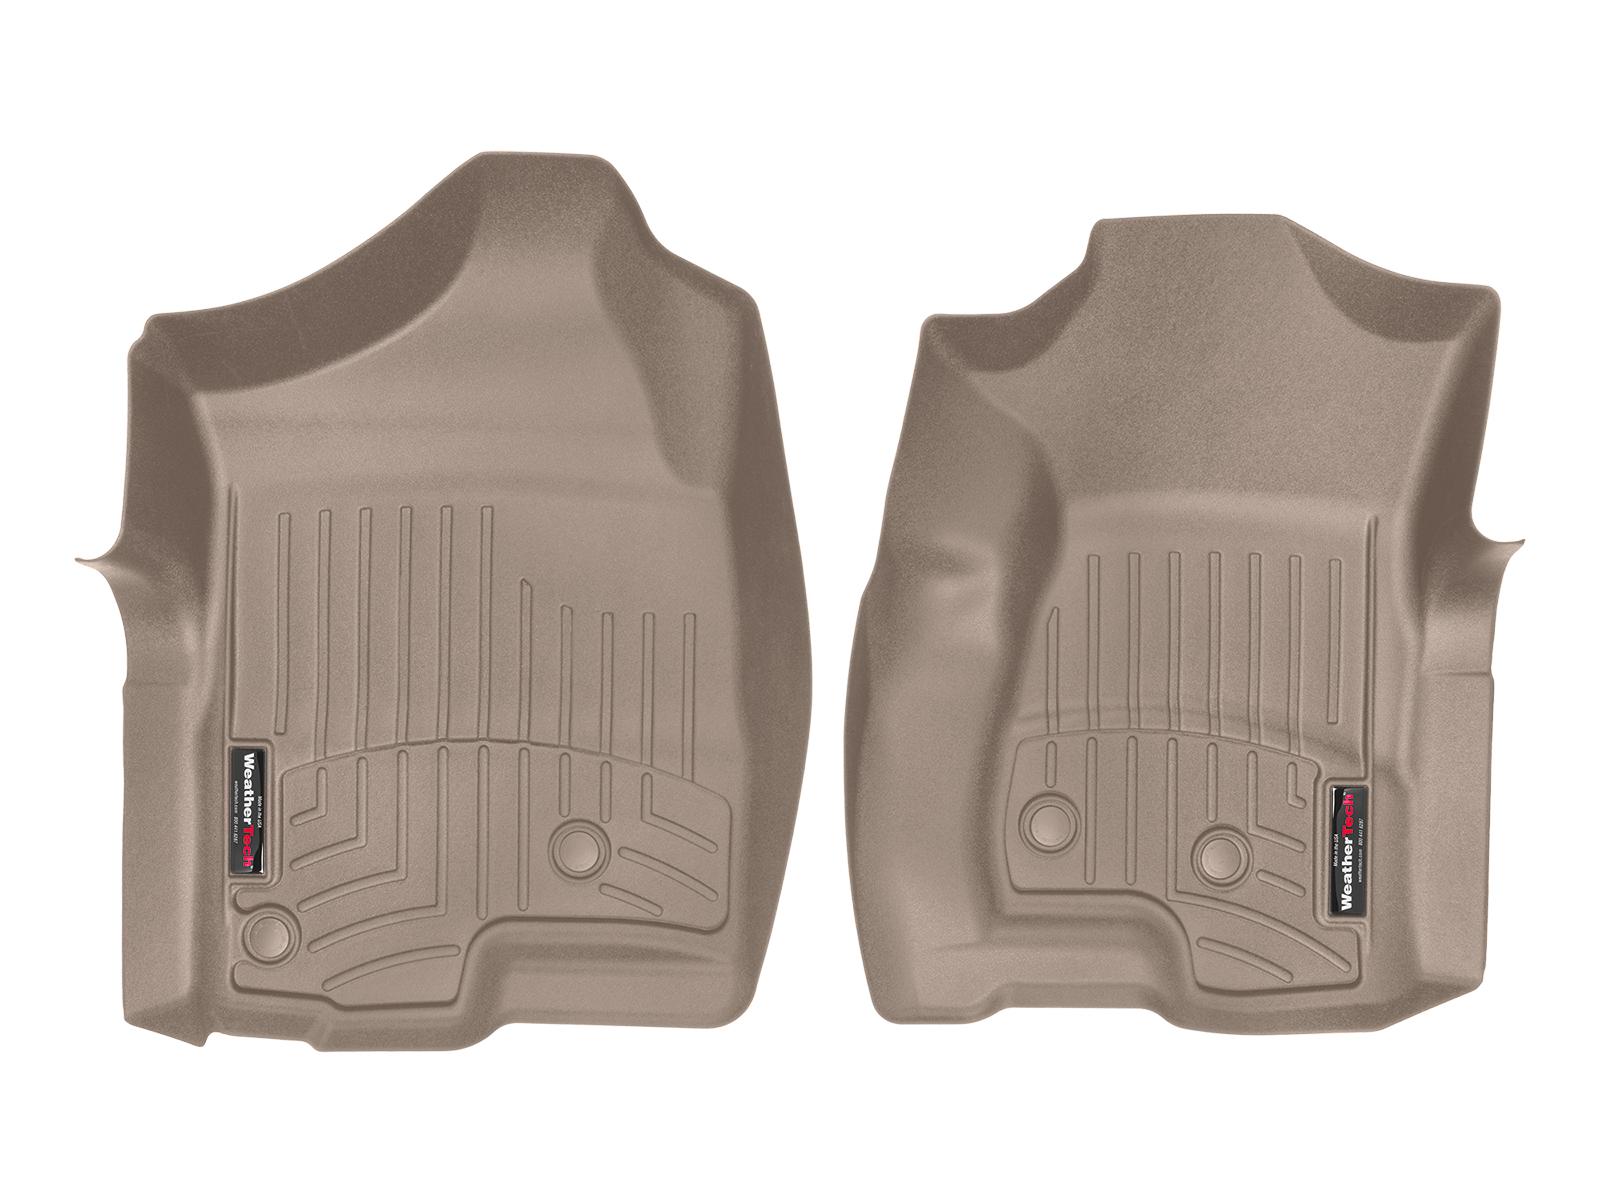 Tappeti gomma su misura bordo alto Chevrolet Silverado 07>07 Marrone A162